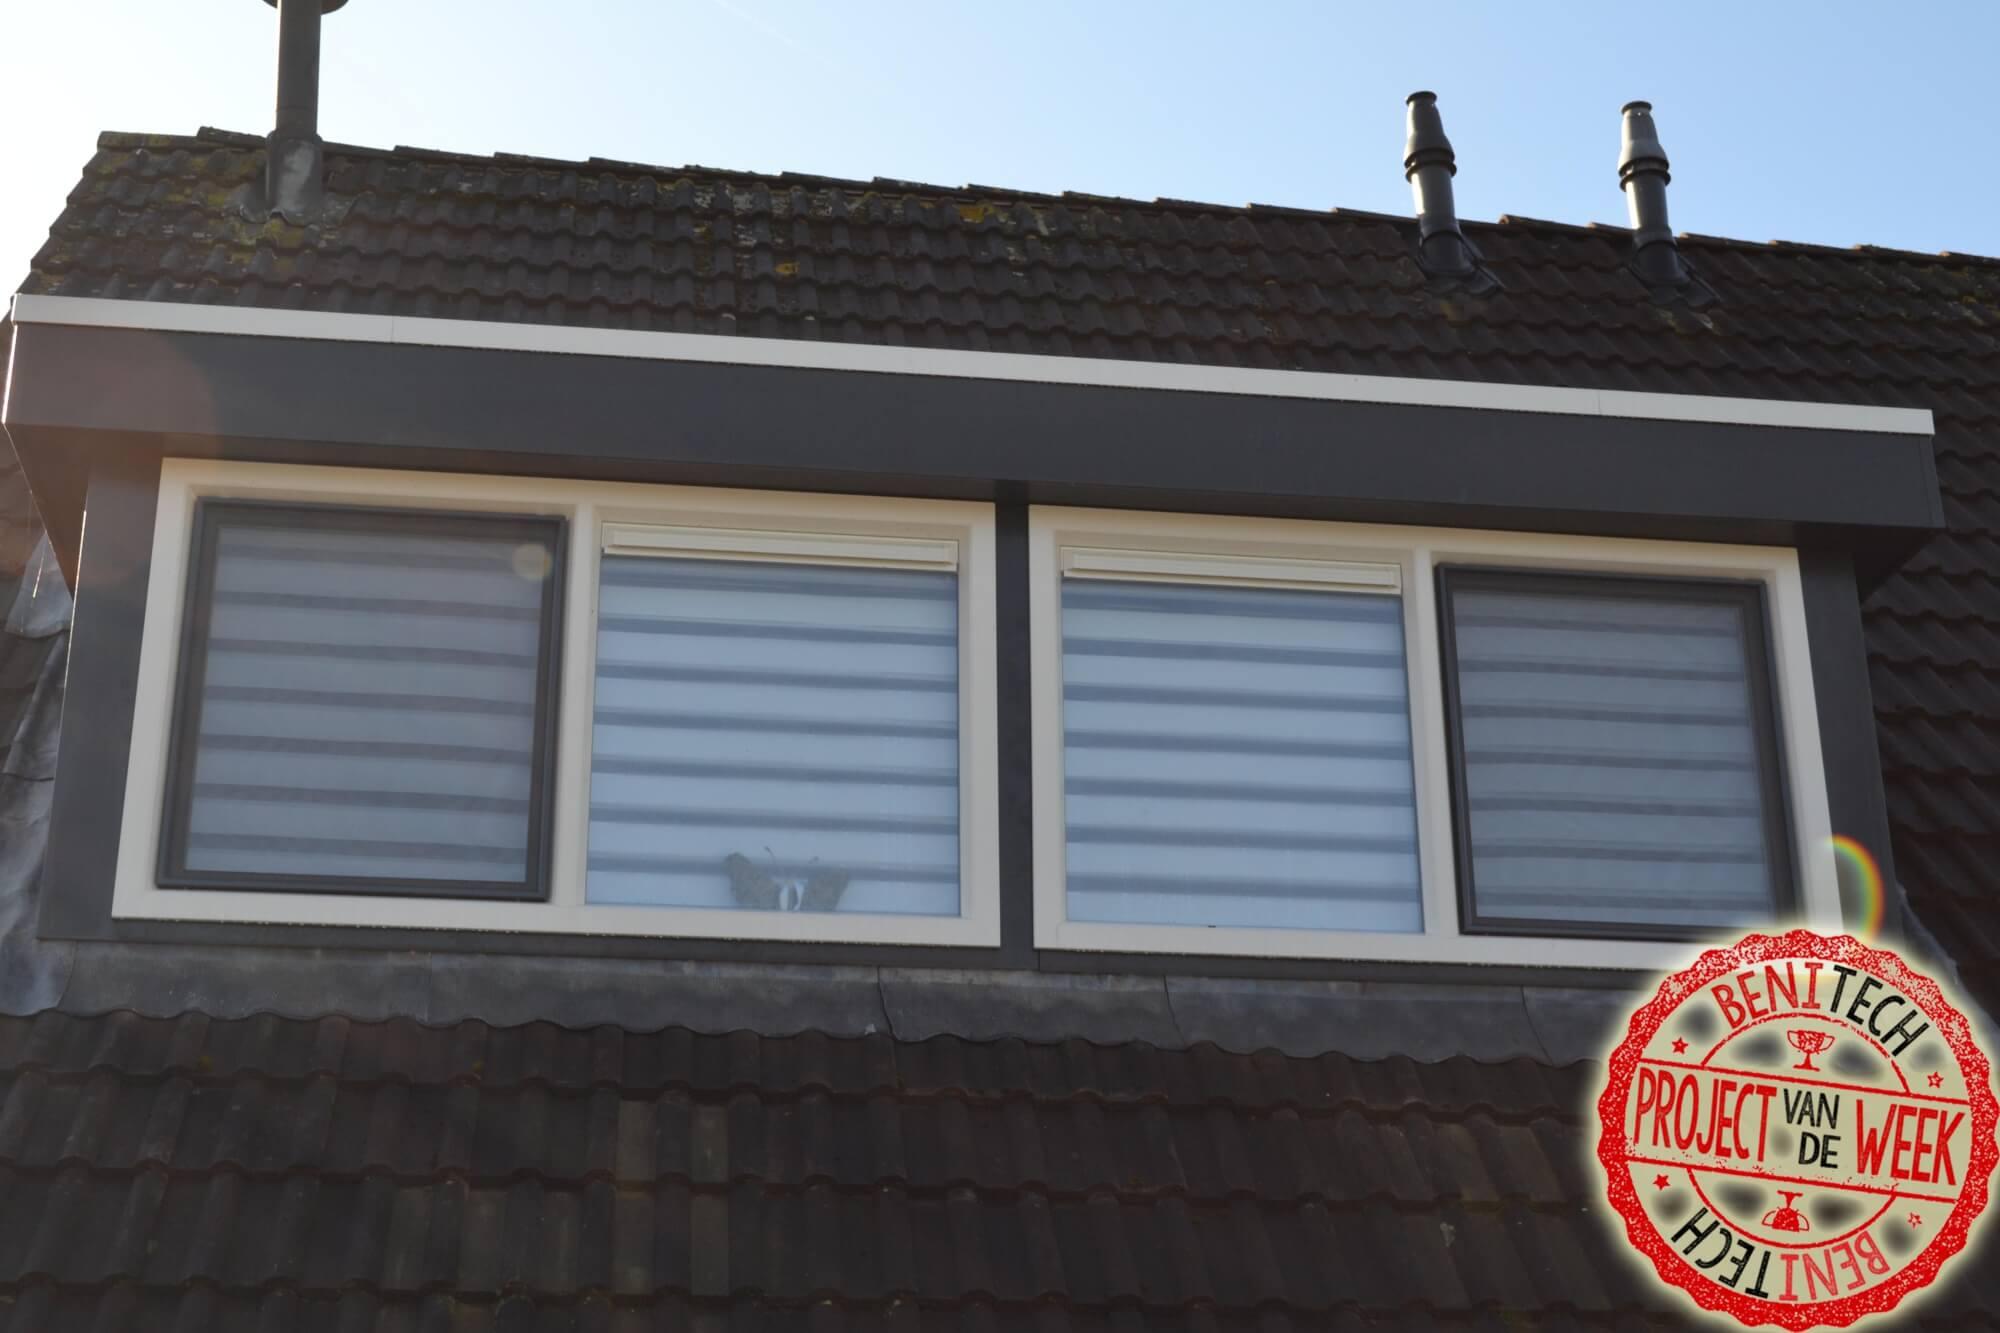 Deze week hebben we een splinternieuwe kunststof dakkapel geplaatst bij klanten in Lelystad